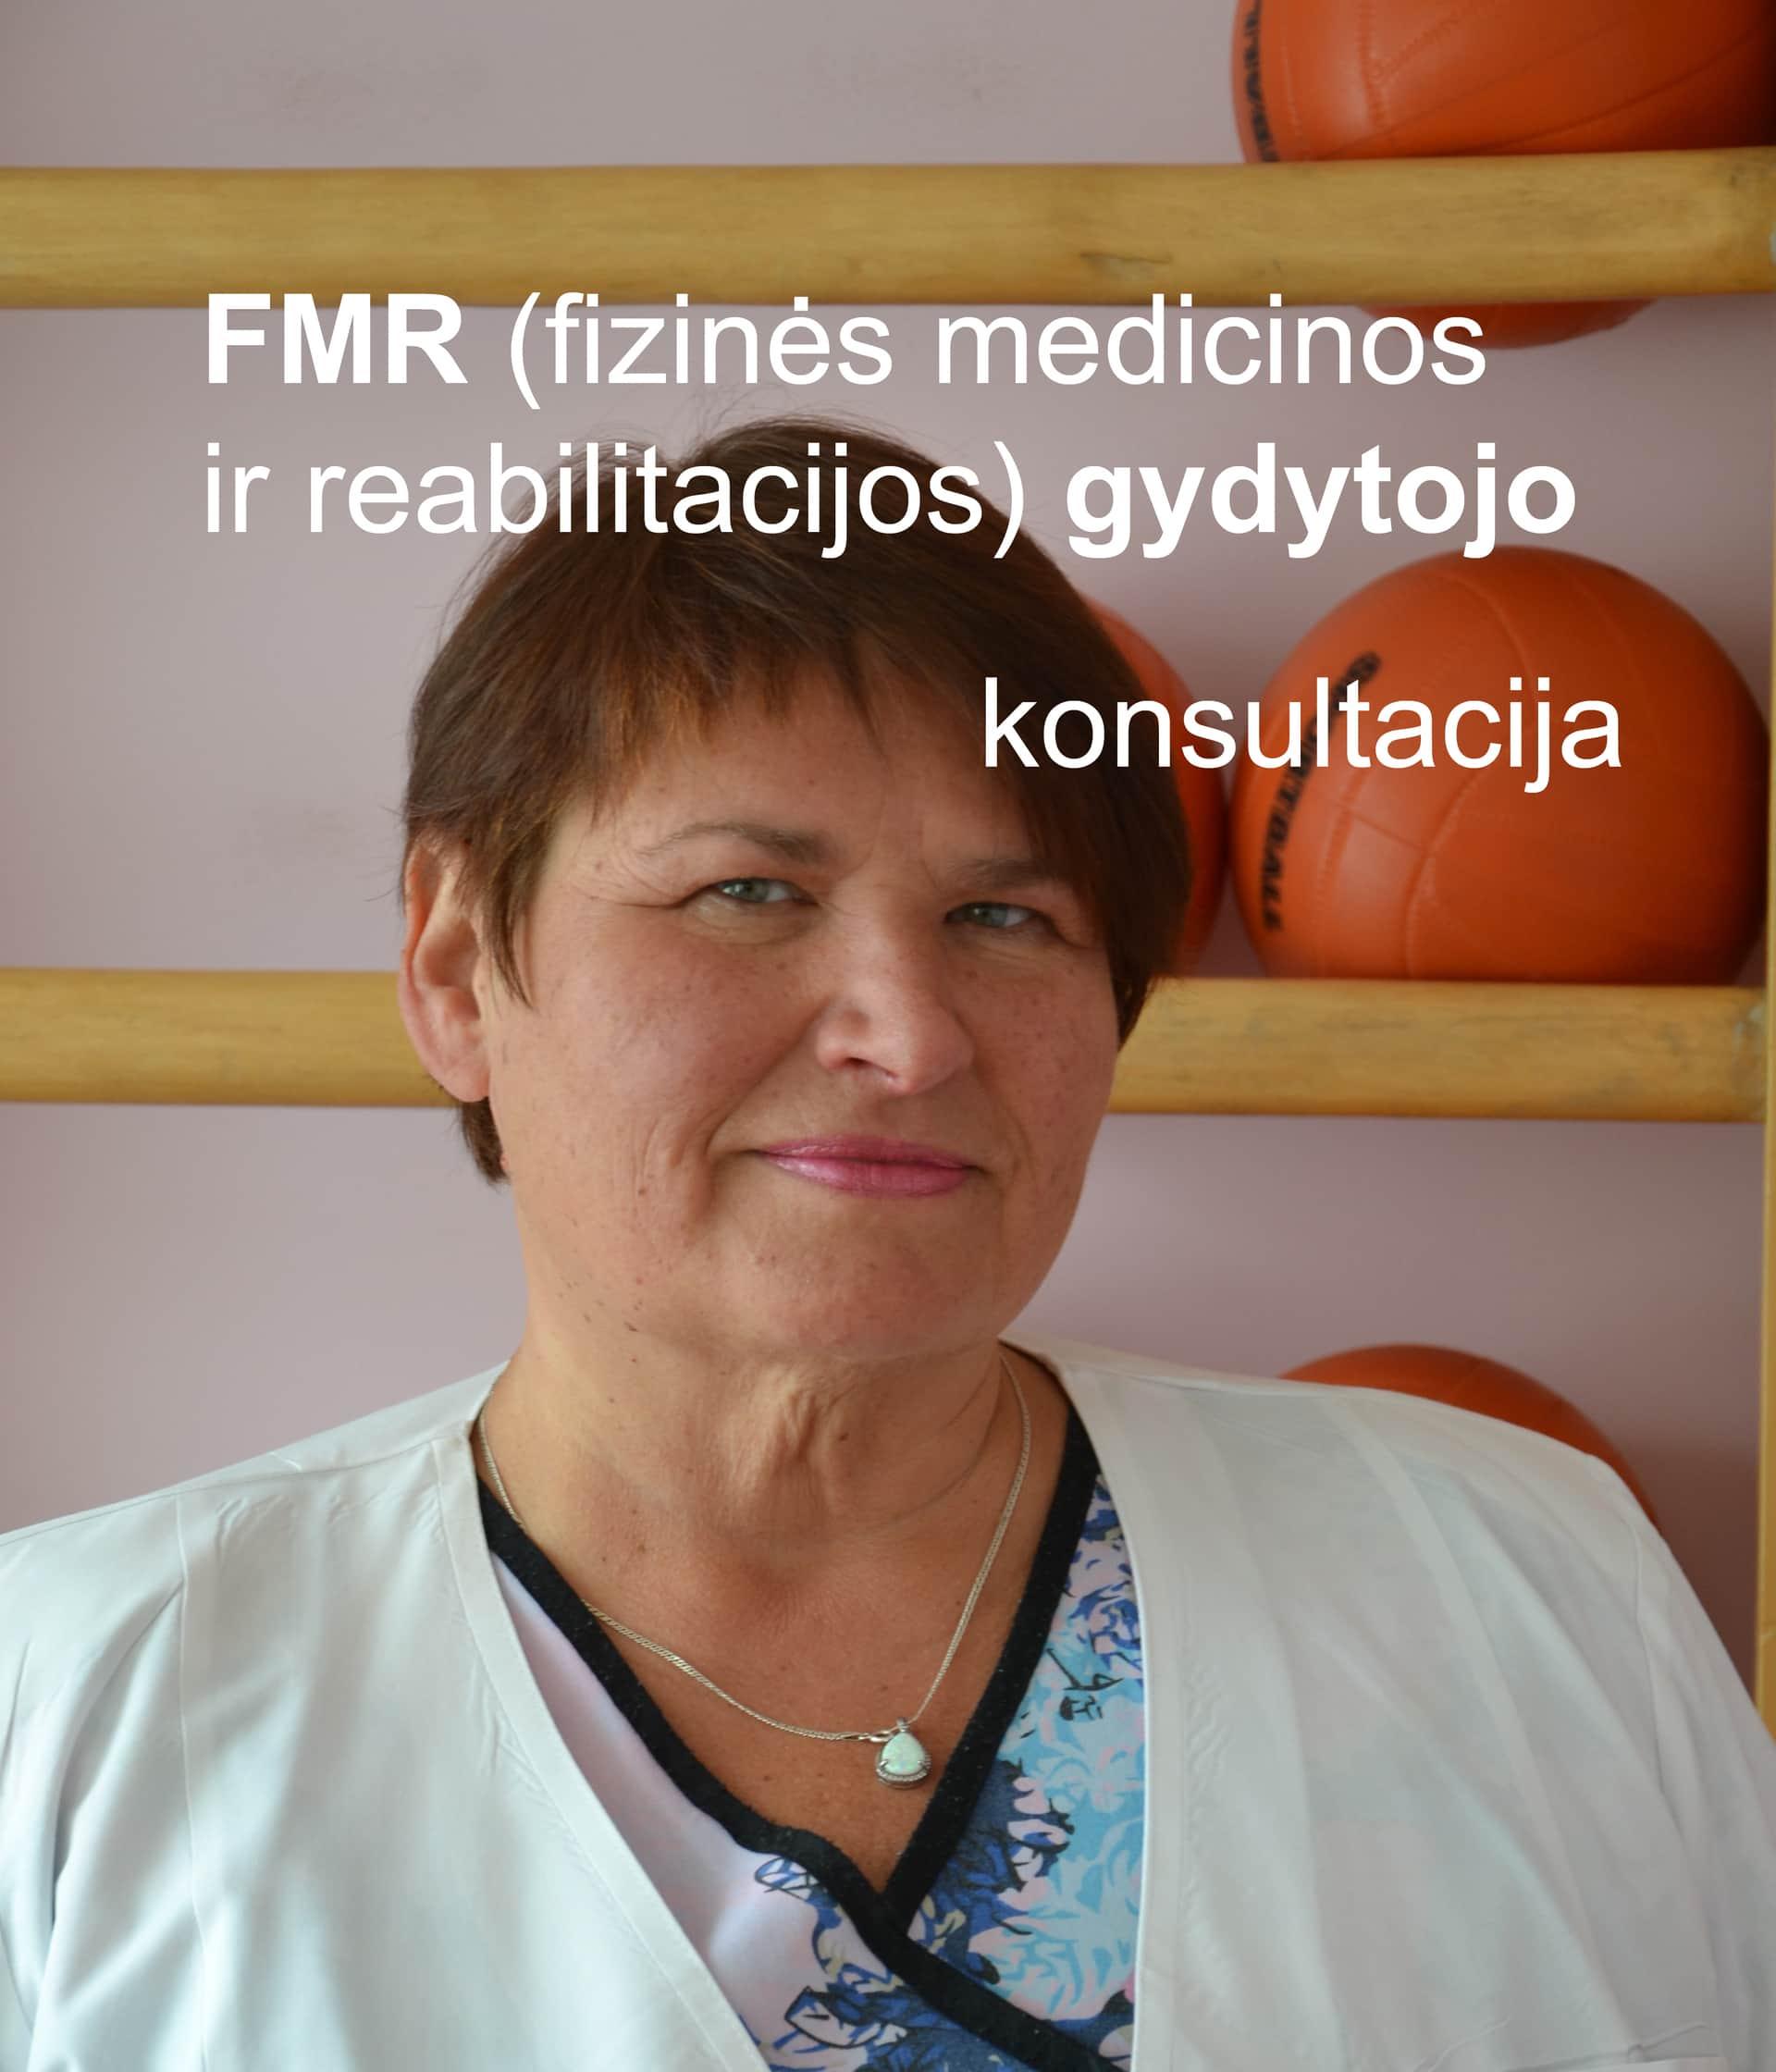 FMR (fizinės medicinos ir reabilitacijos) gydytojo konsultacija